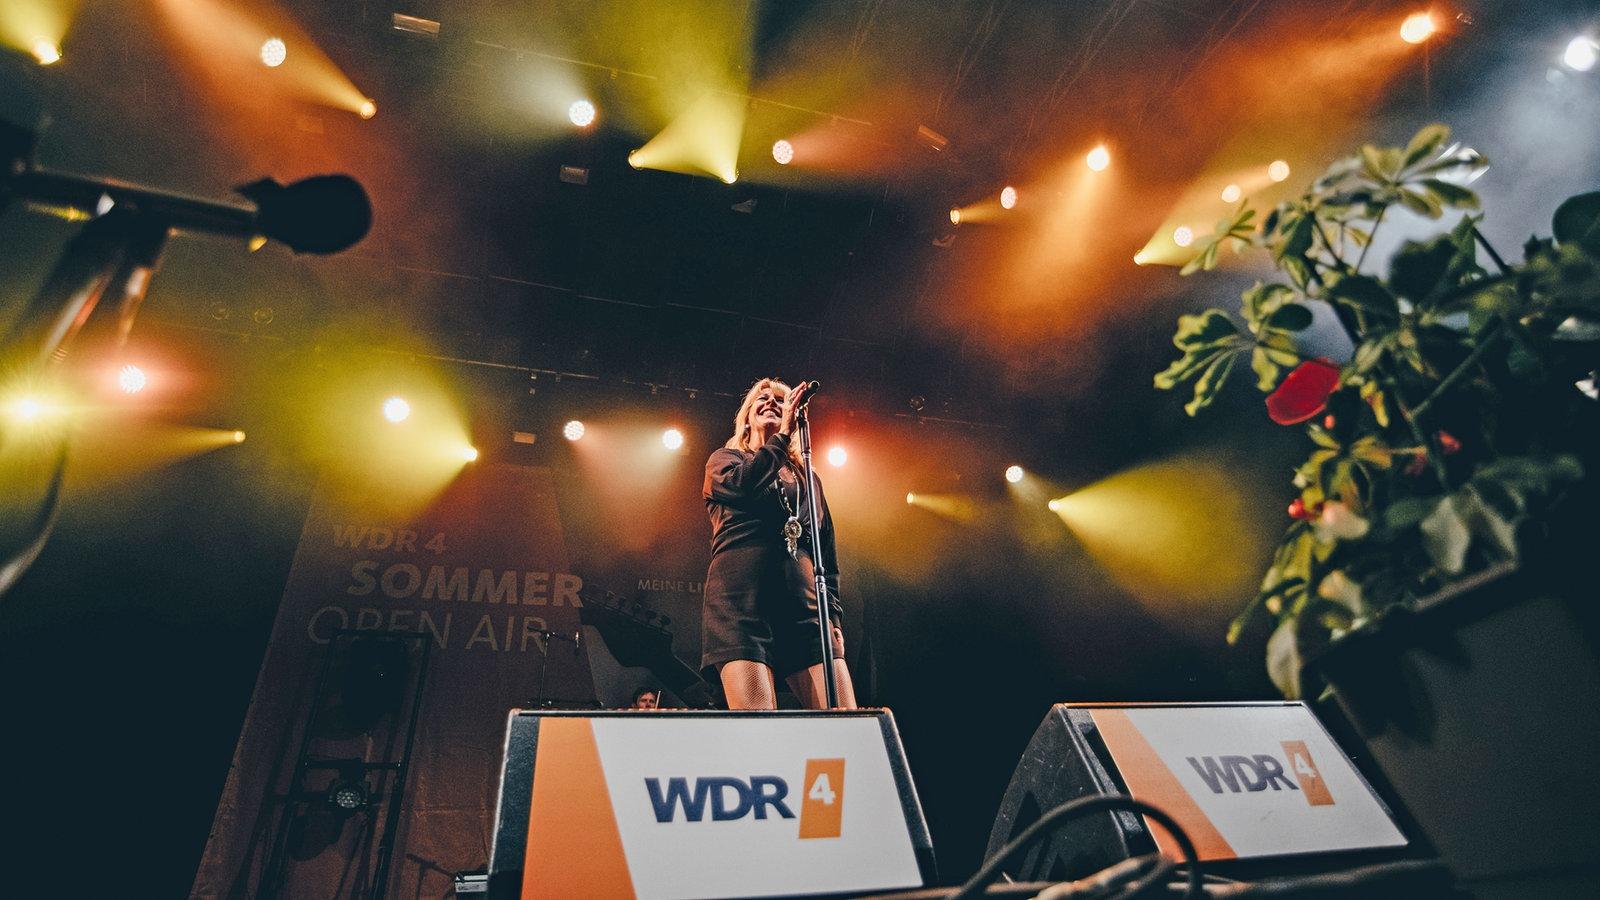 Wdr Essen Lokalzeit Ruhr Live Stream